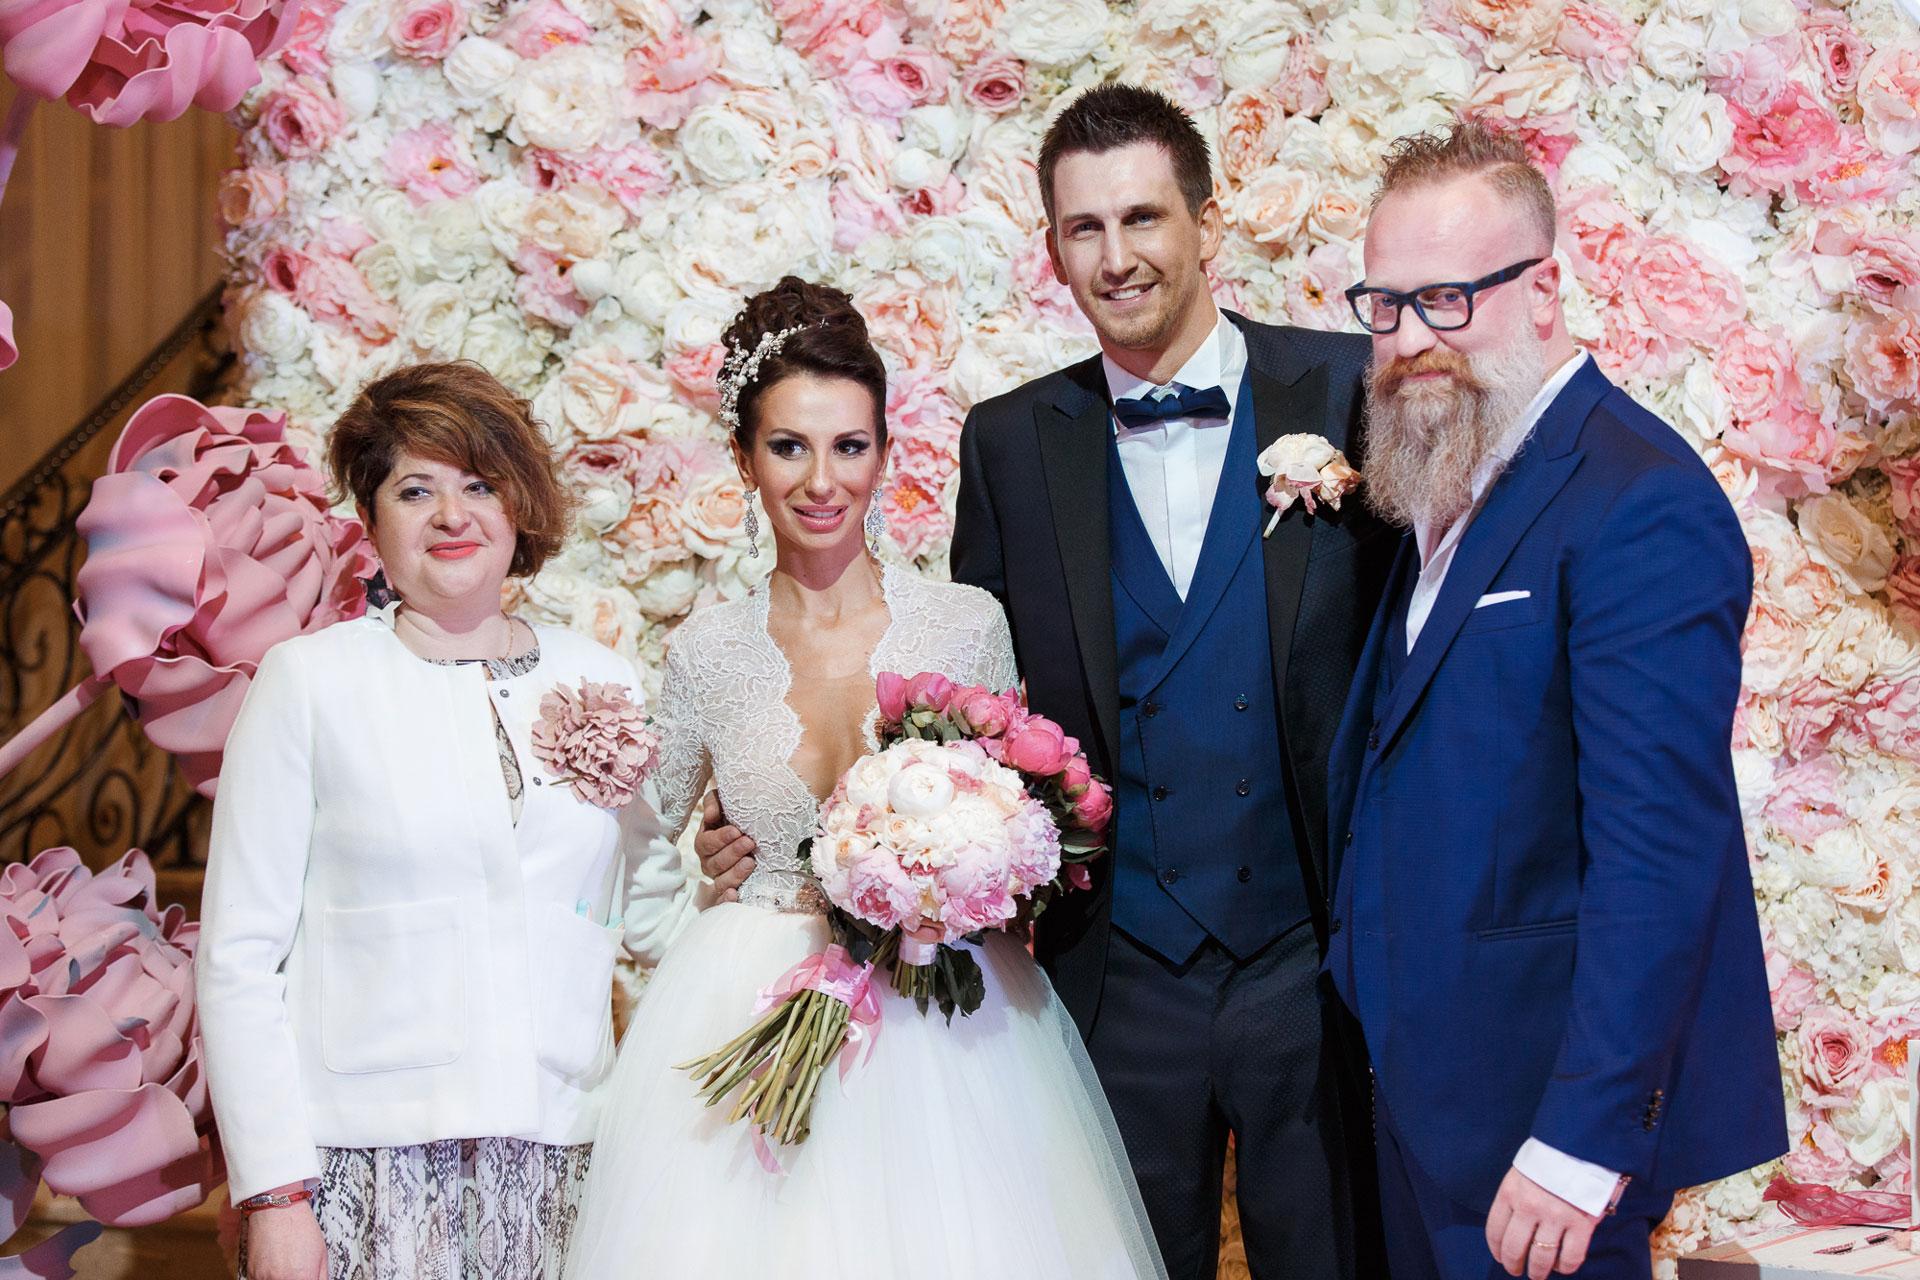 Пионовая свадьба. Свадьба Анны Грачевской и Артема Кузякина фото 34